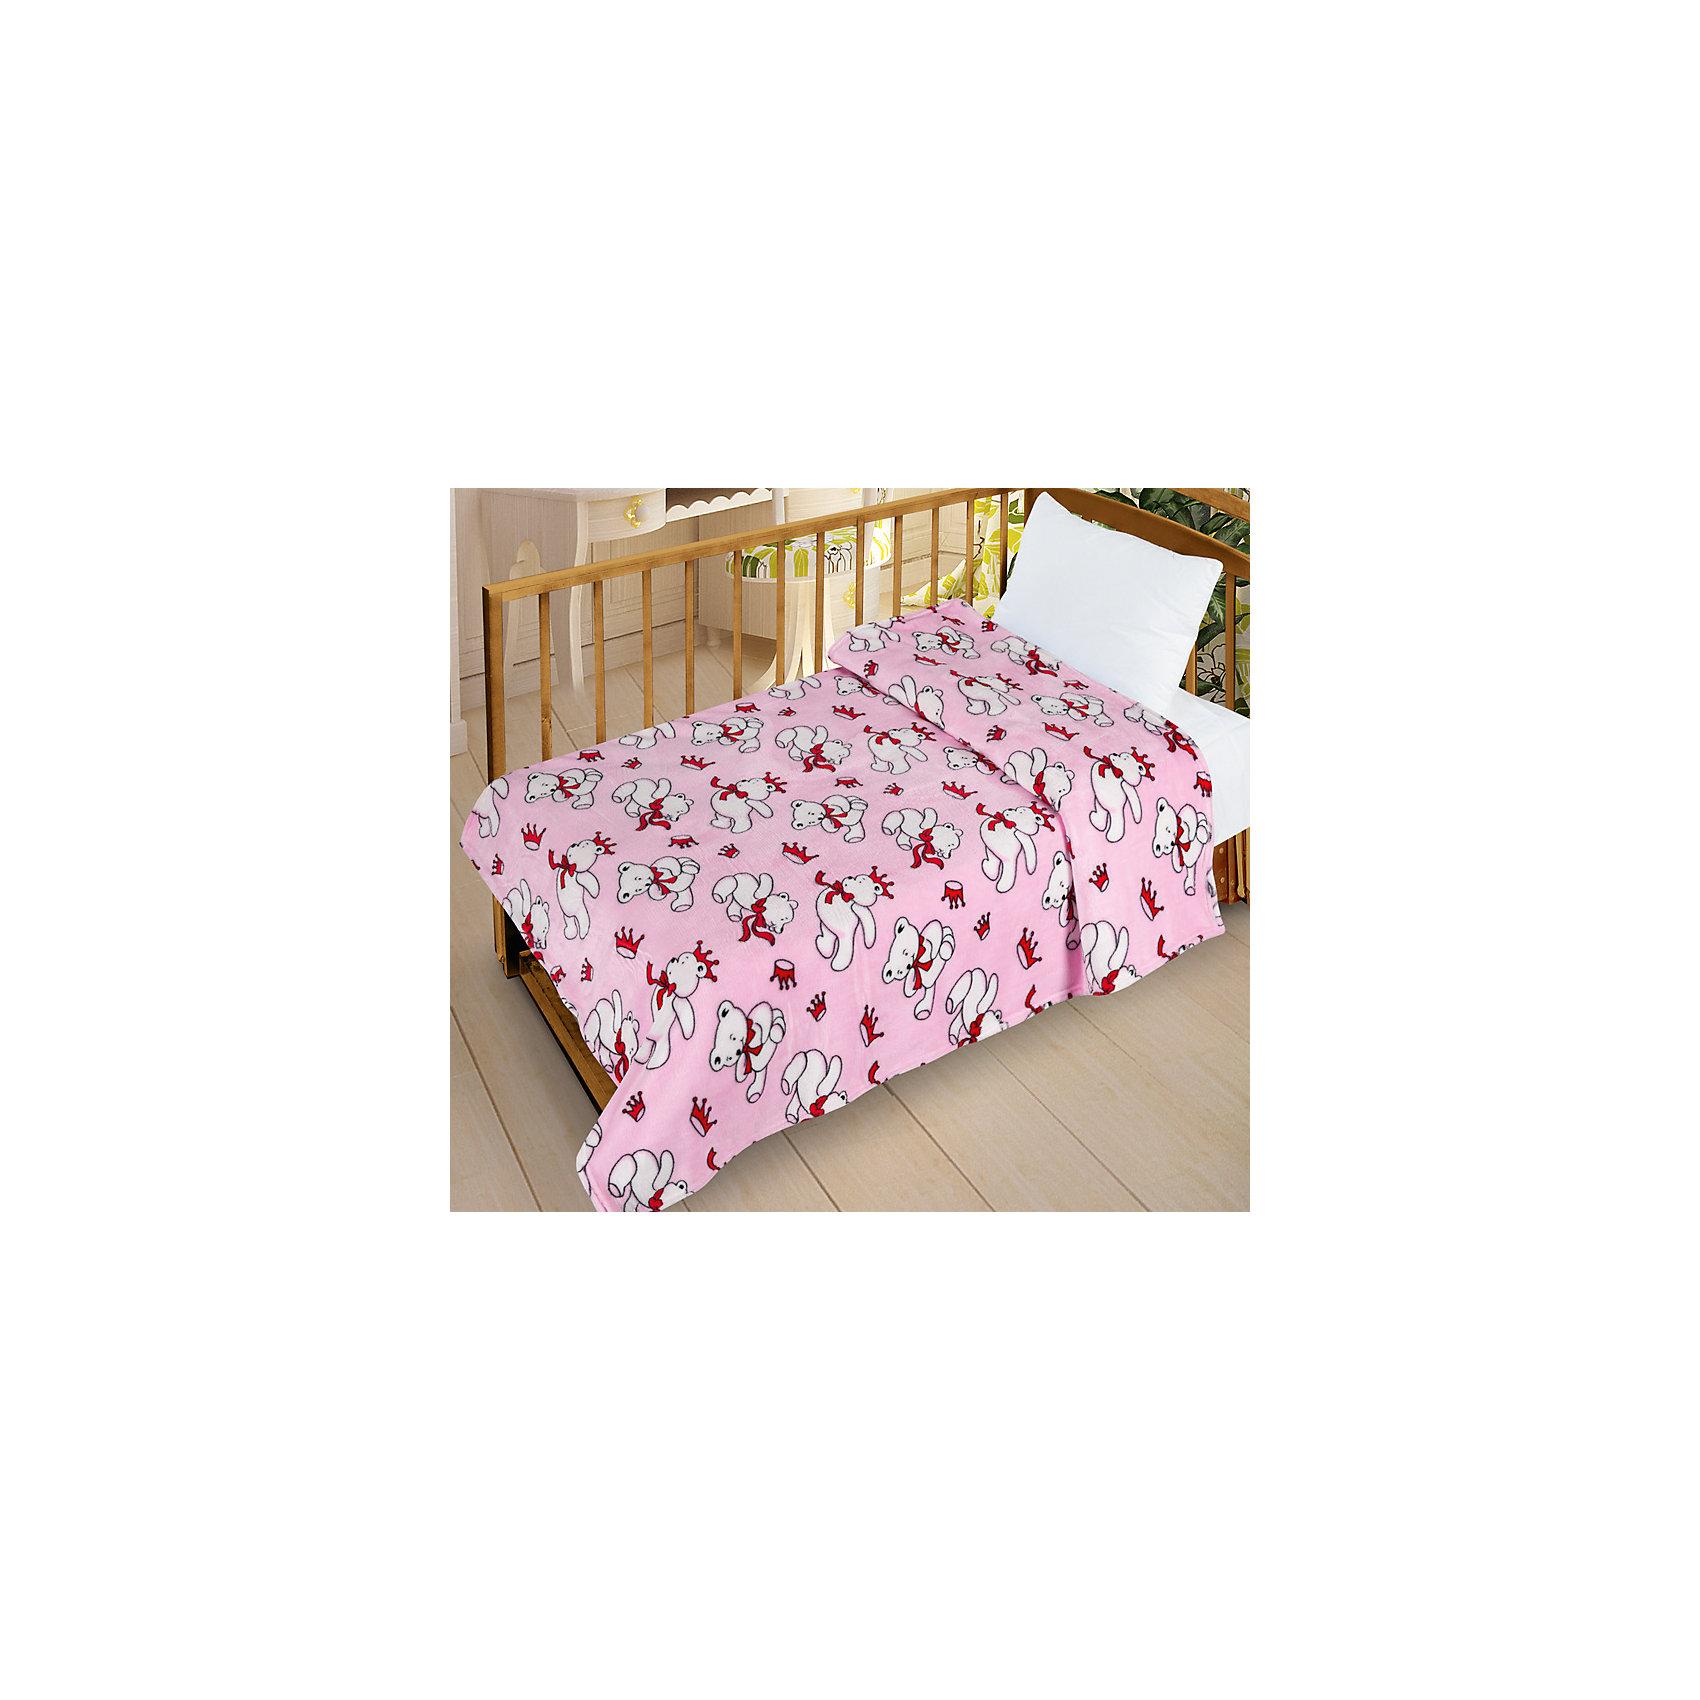 Letto Плед  Велсофт-беби в кроватку VB11, 95х130